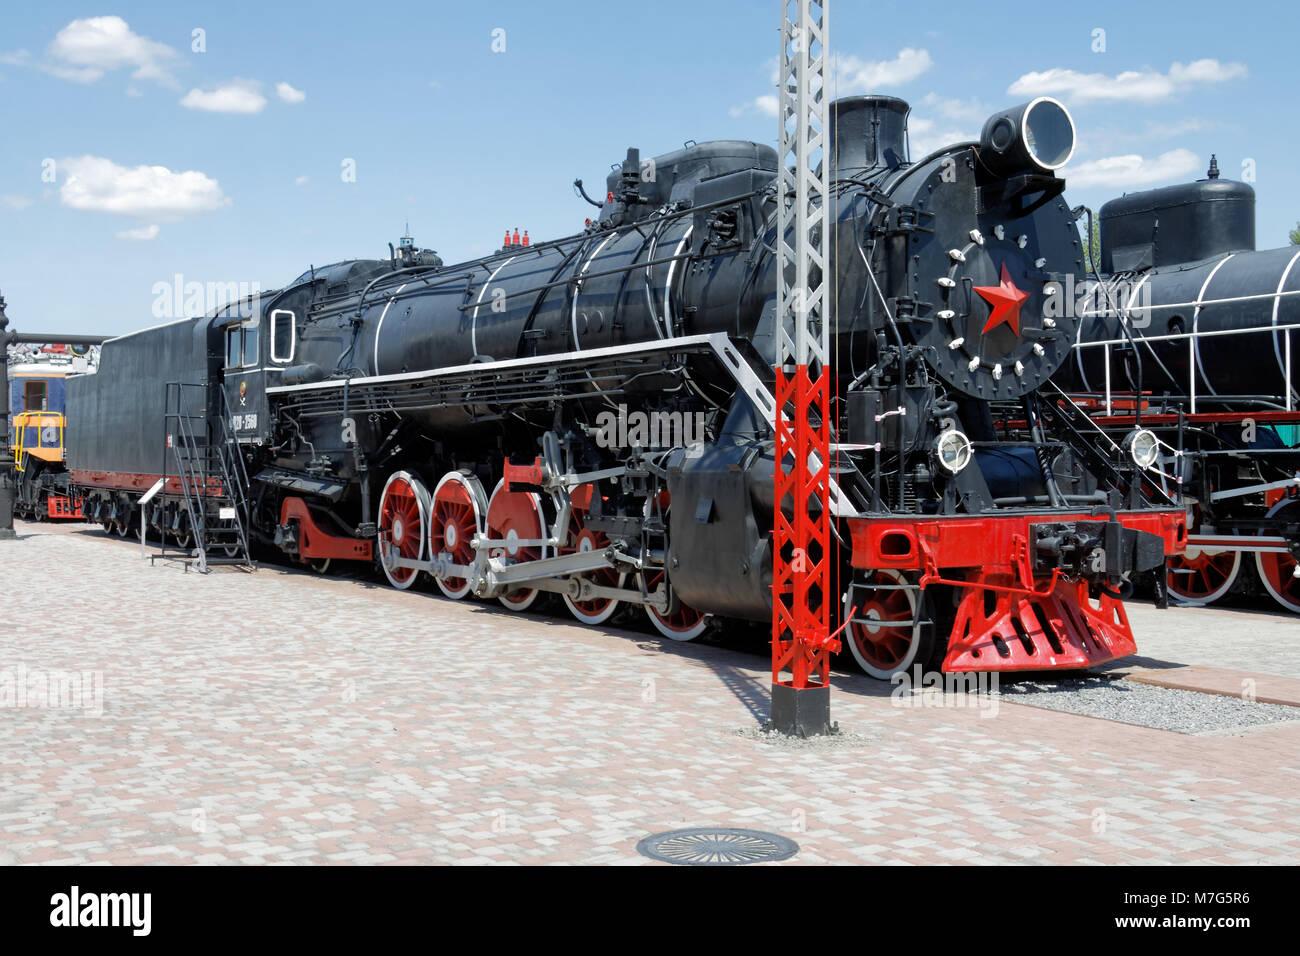 Old black steam locomotive FD20-2560 in the Kharkіv Railway Museum. Ukraine, Kharkіv - Stock Image